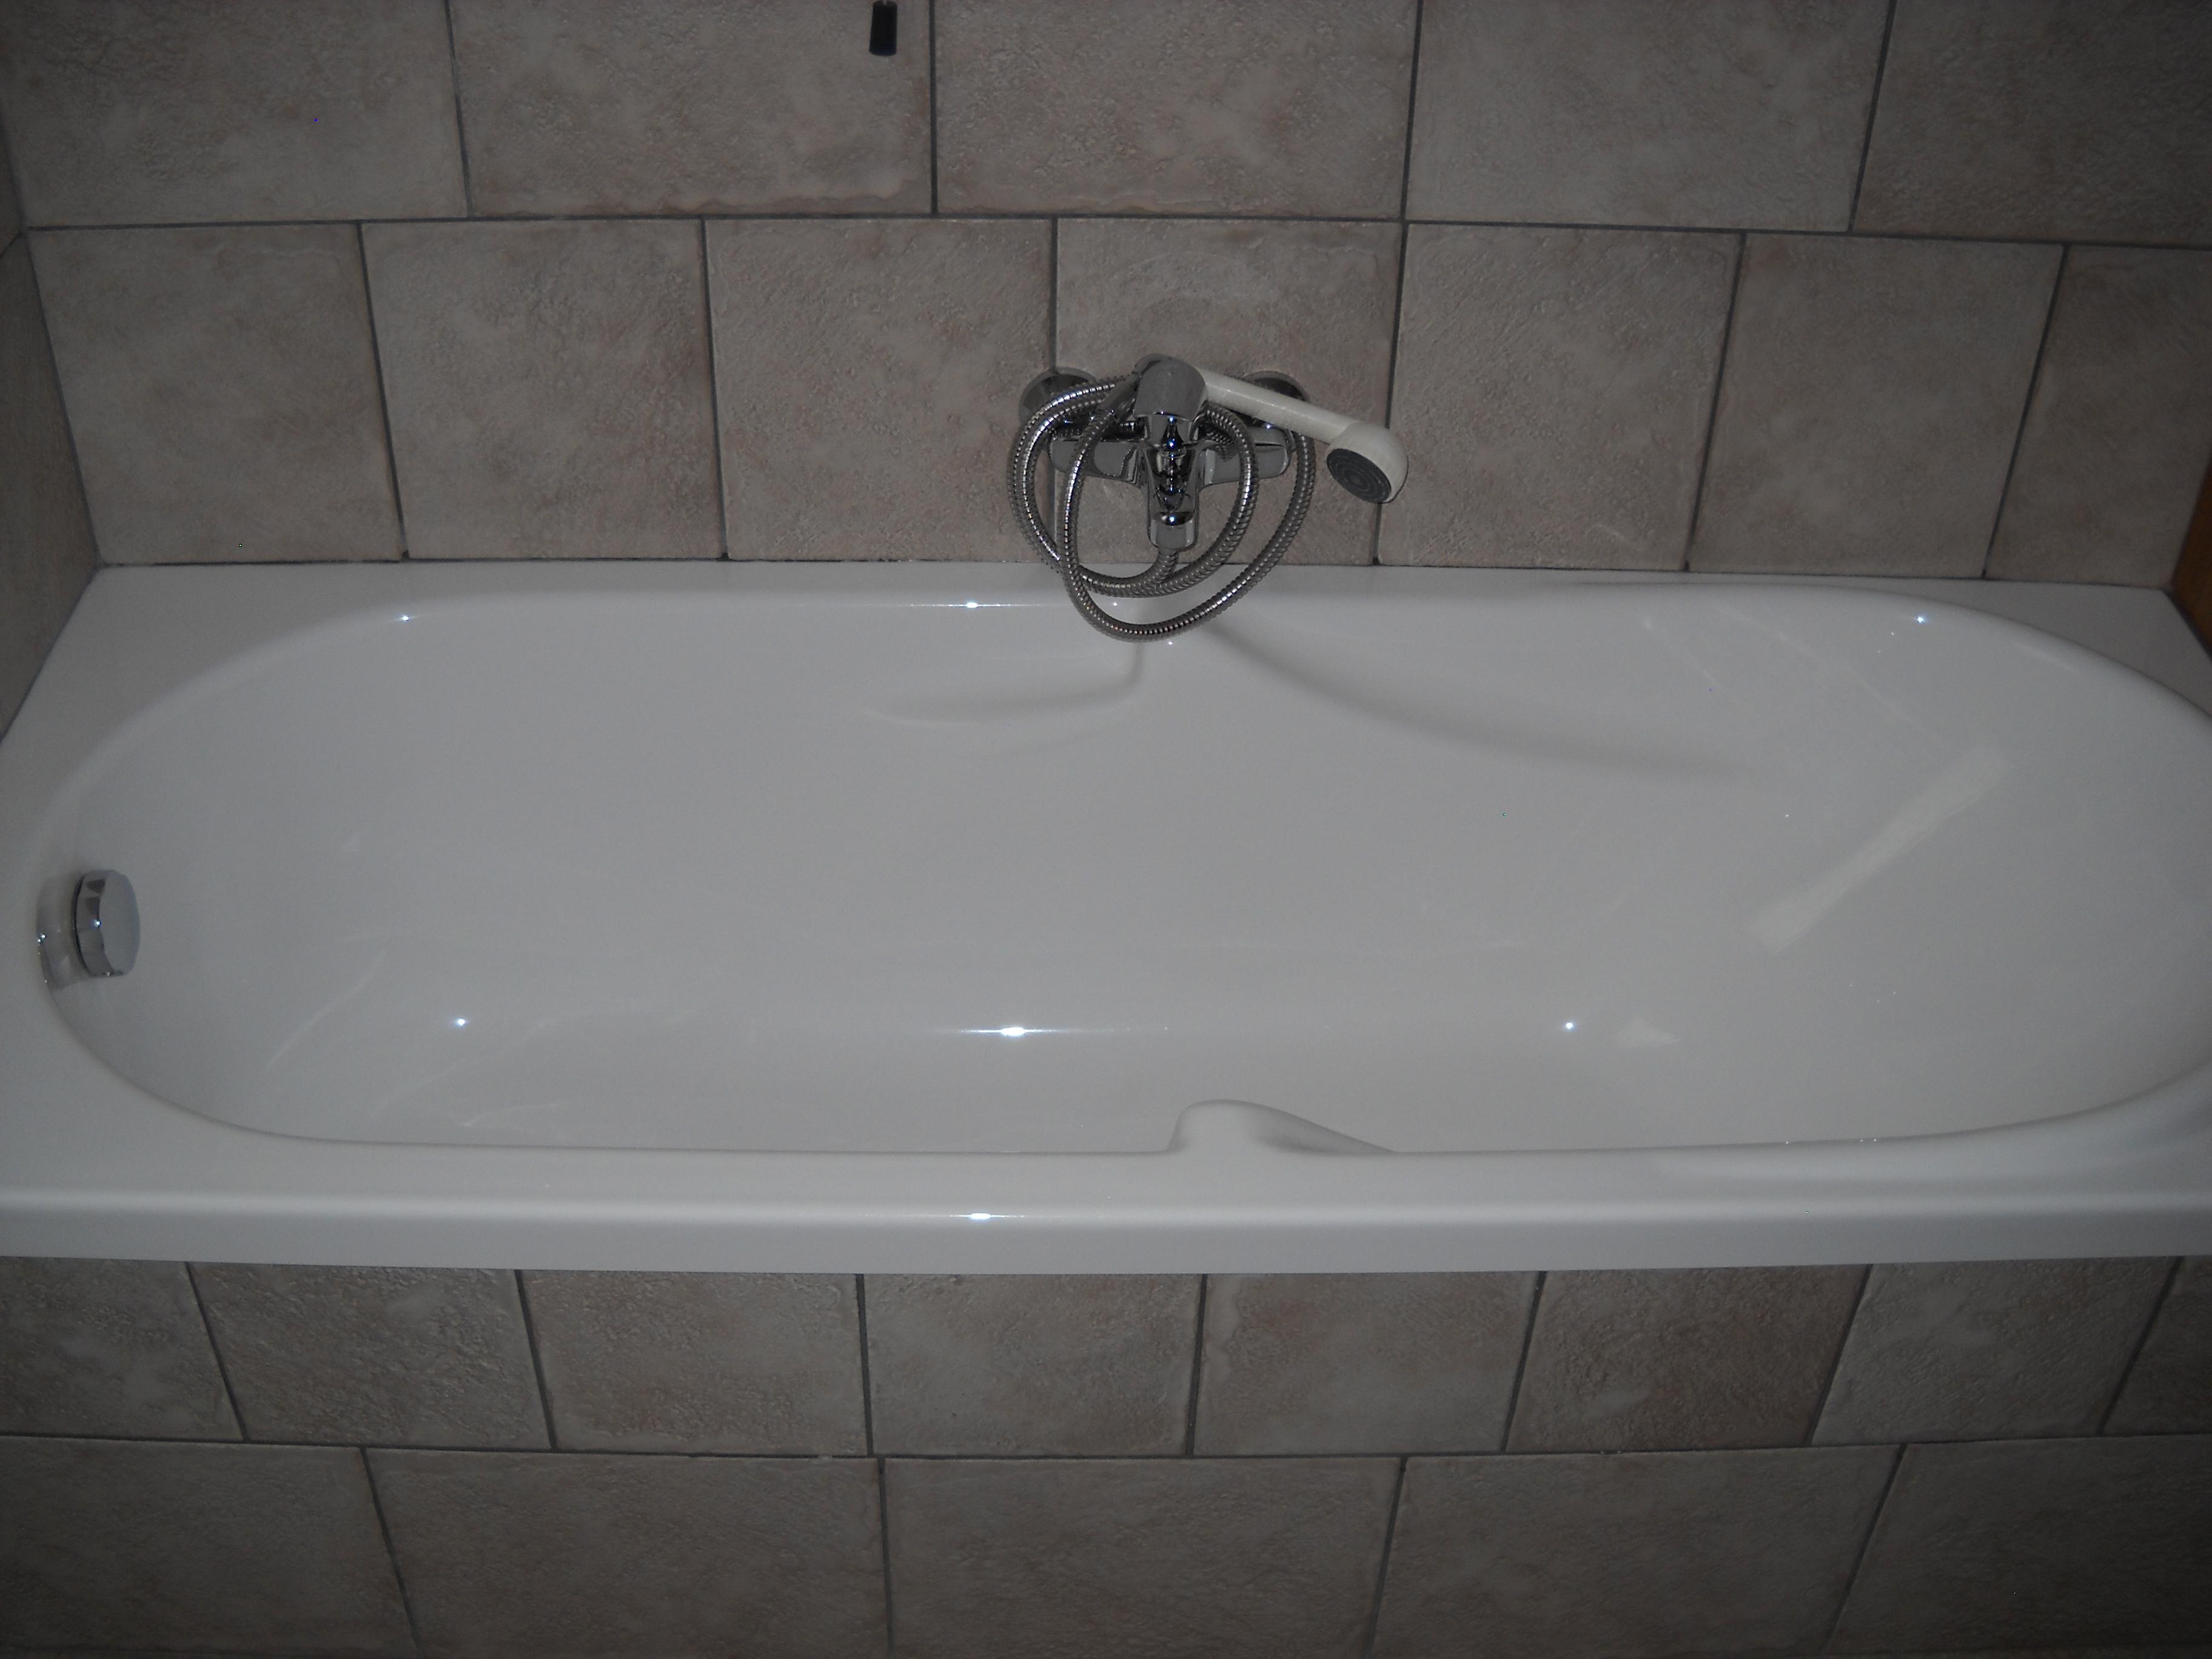 Vasca Da Bagno Ariston Prezzi : Vasca da bagno in plastica su lapulce.it arredamento casa